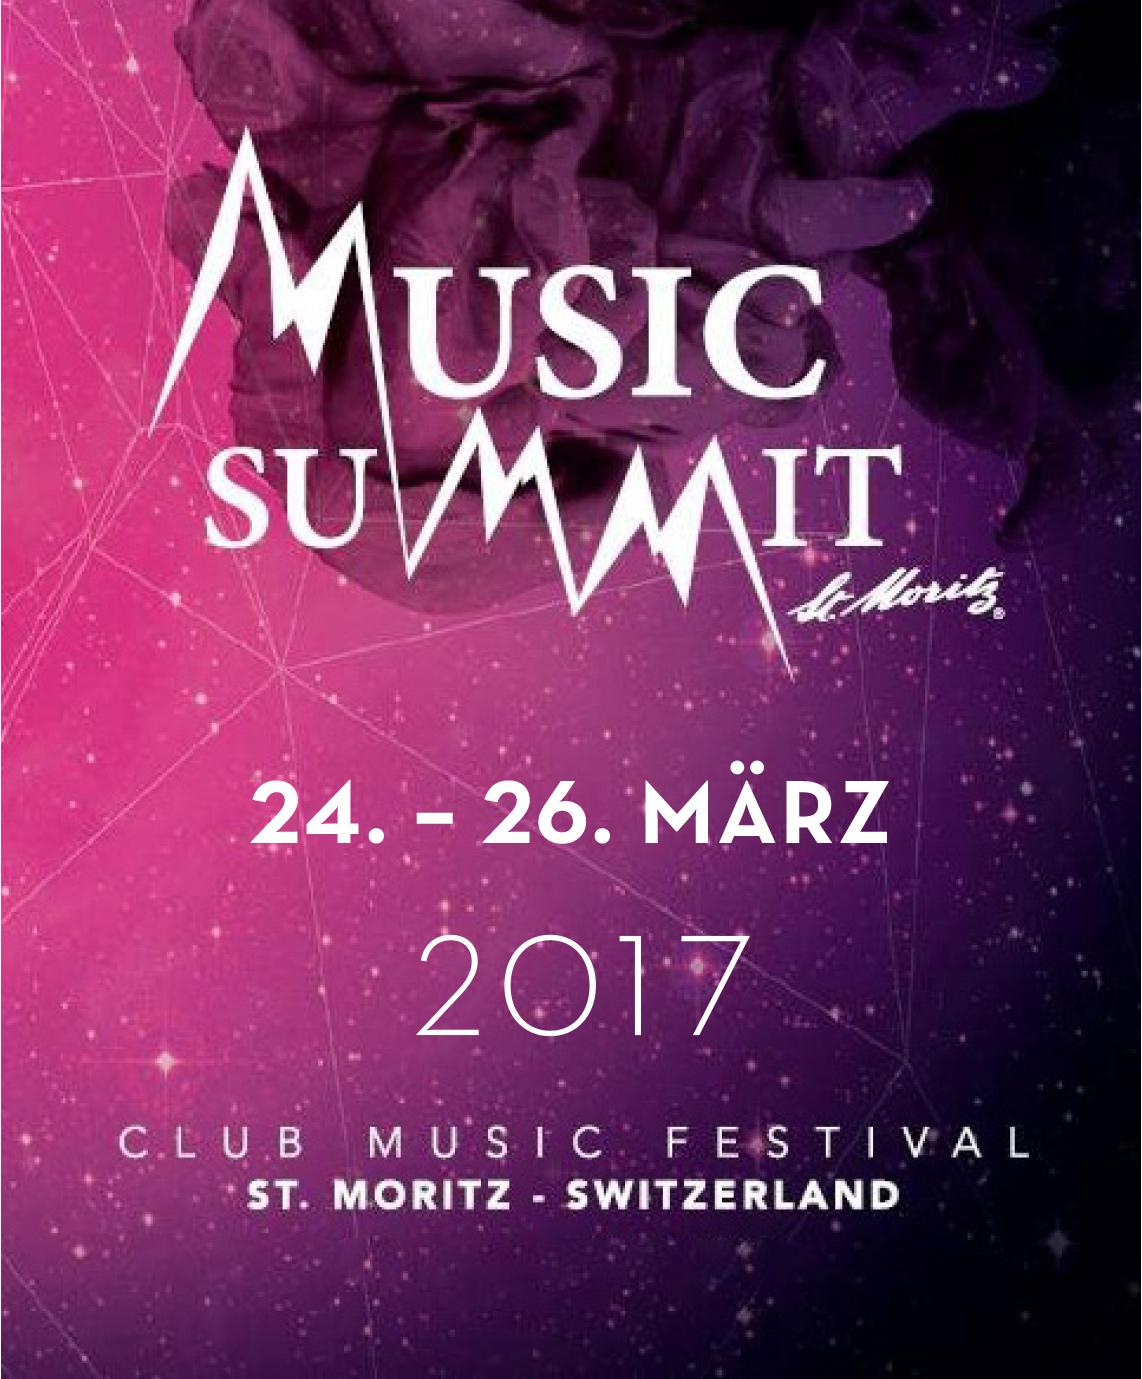 music-summit-elparadiso-2017.jpg